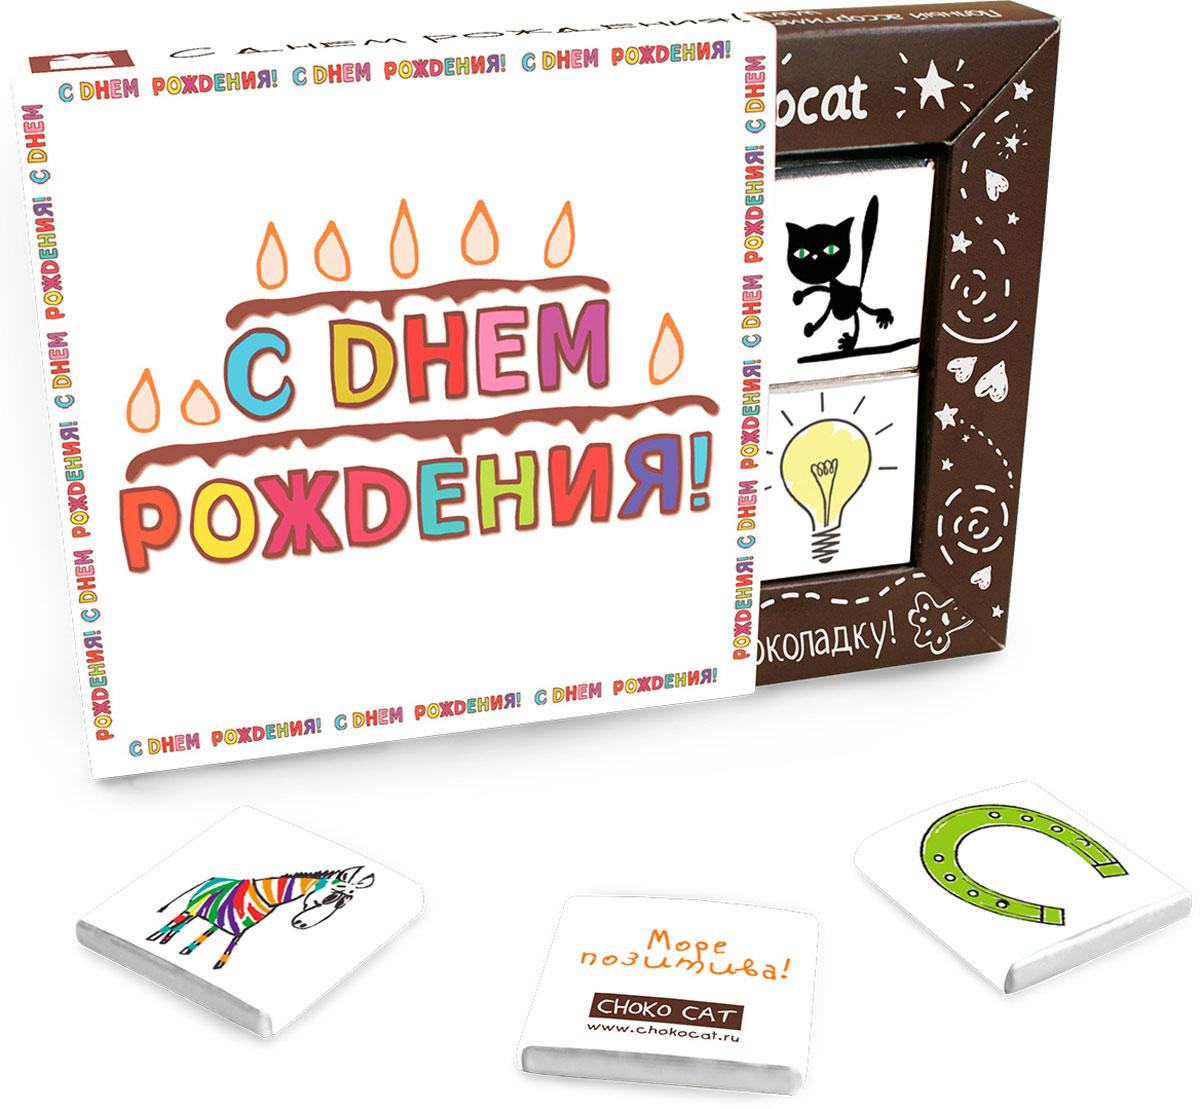 Chokocat С днем рождения молочный шоколад, 60 г chokocat календарь зимние забавы молочный шоколад 75 г